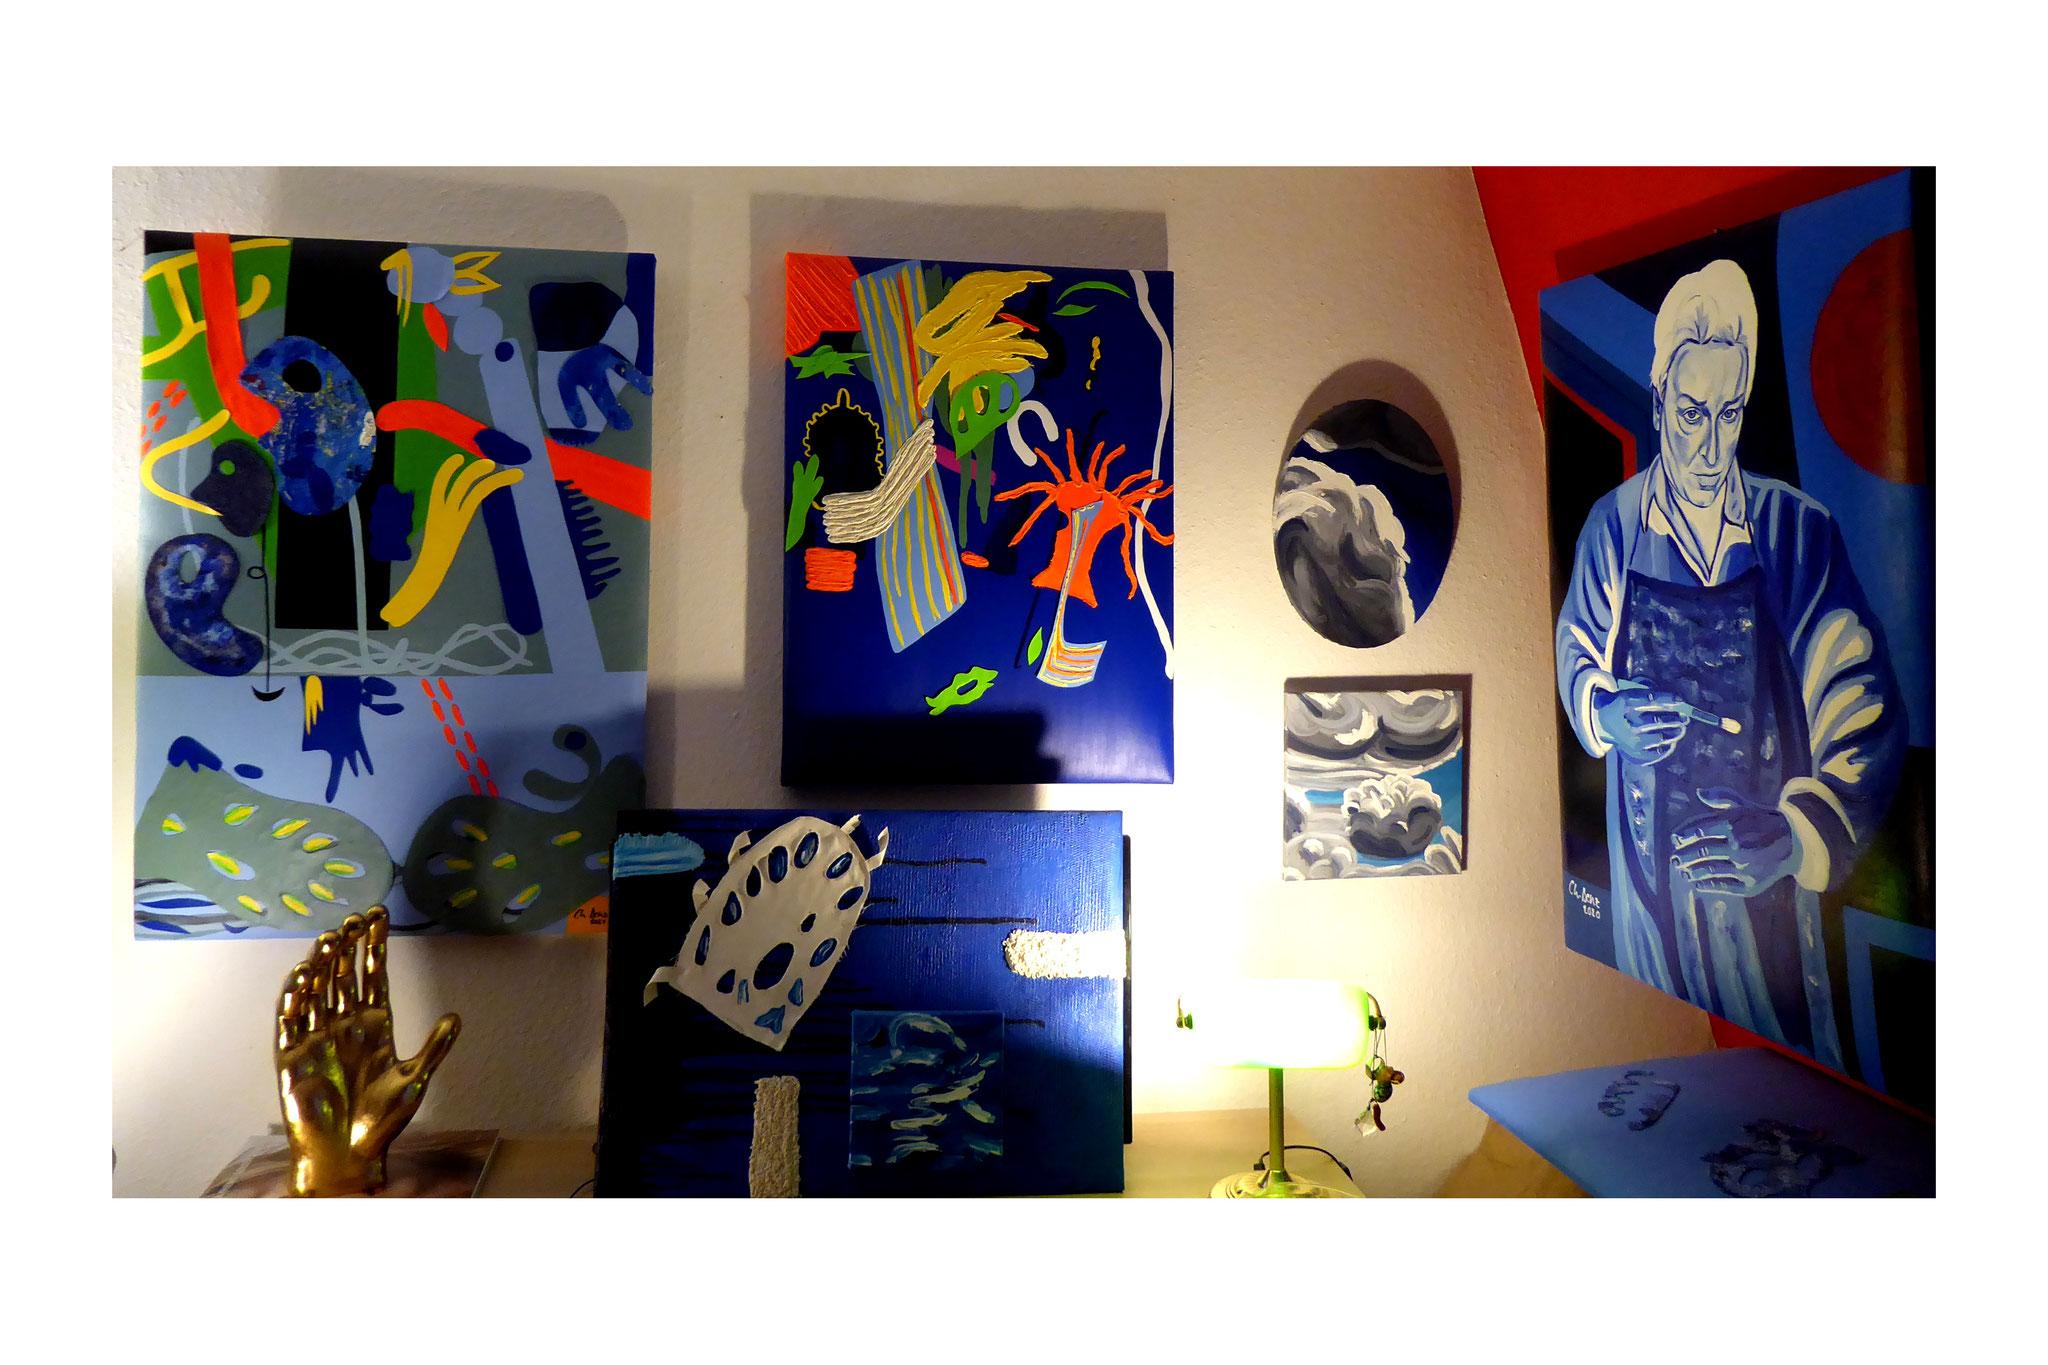 Atelierwand mit jüngsten Arbeiten von 2021 © Christian Benz